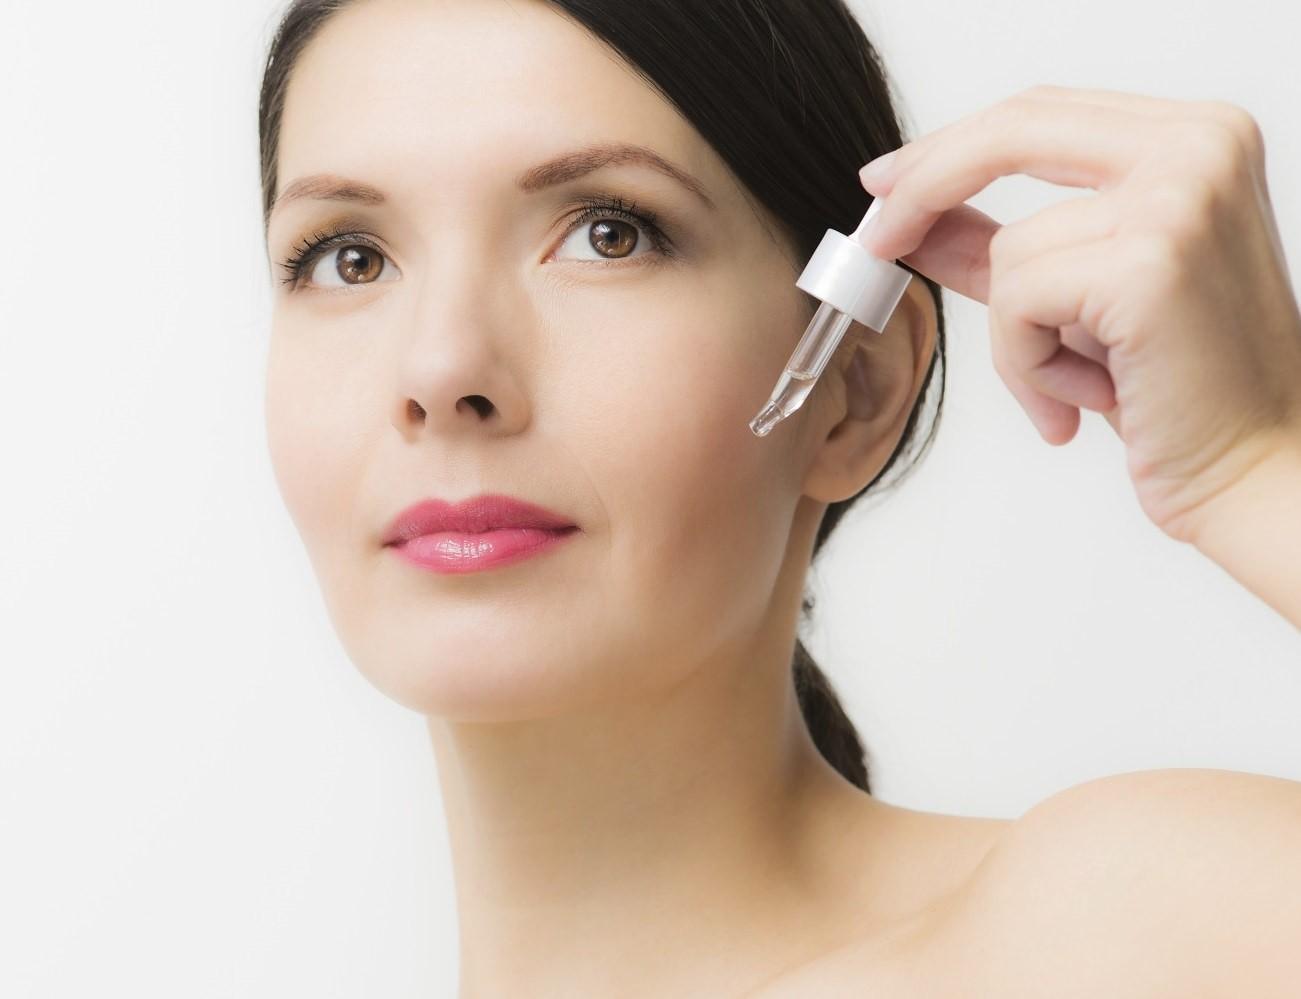 Сыворотка под альгинатную маску нужна для активации всех питательных веществ